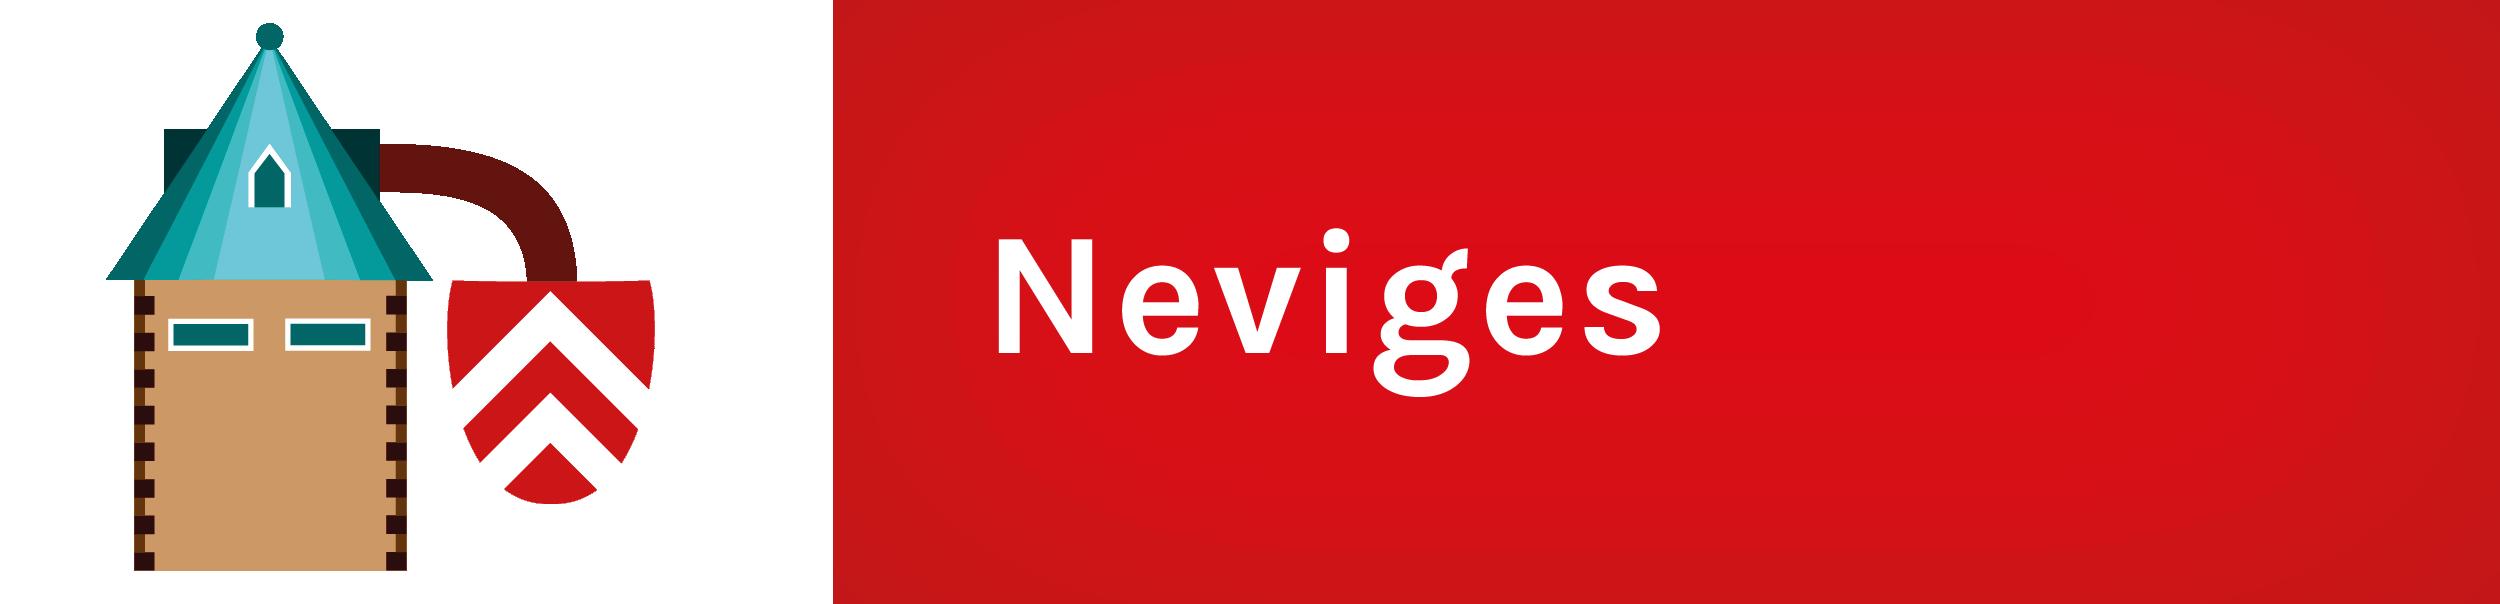 Banner für Neviges